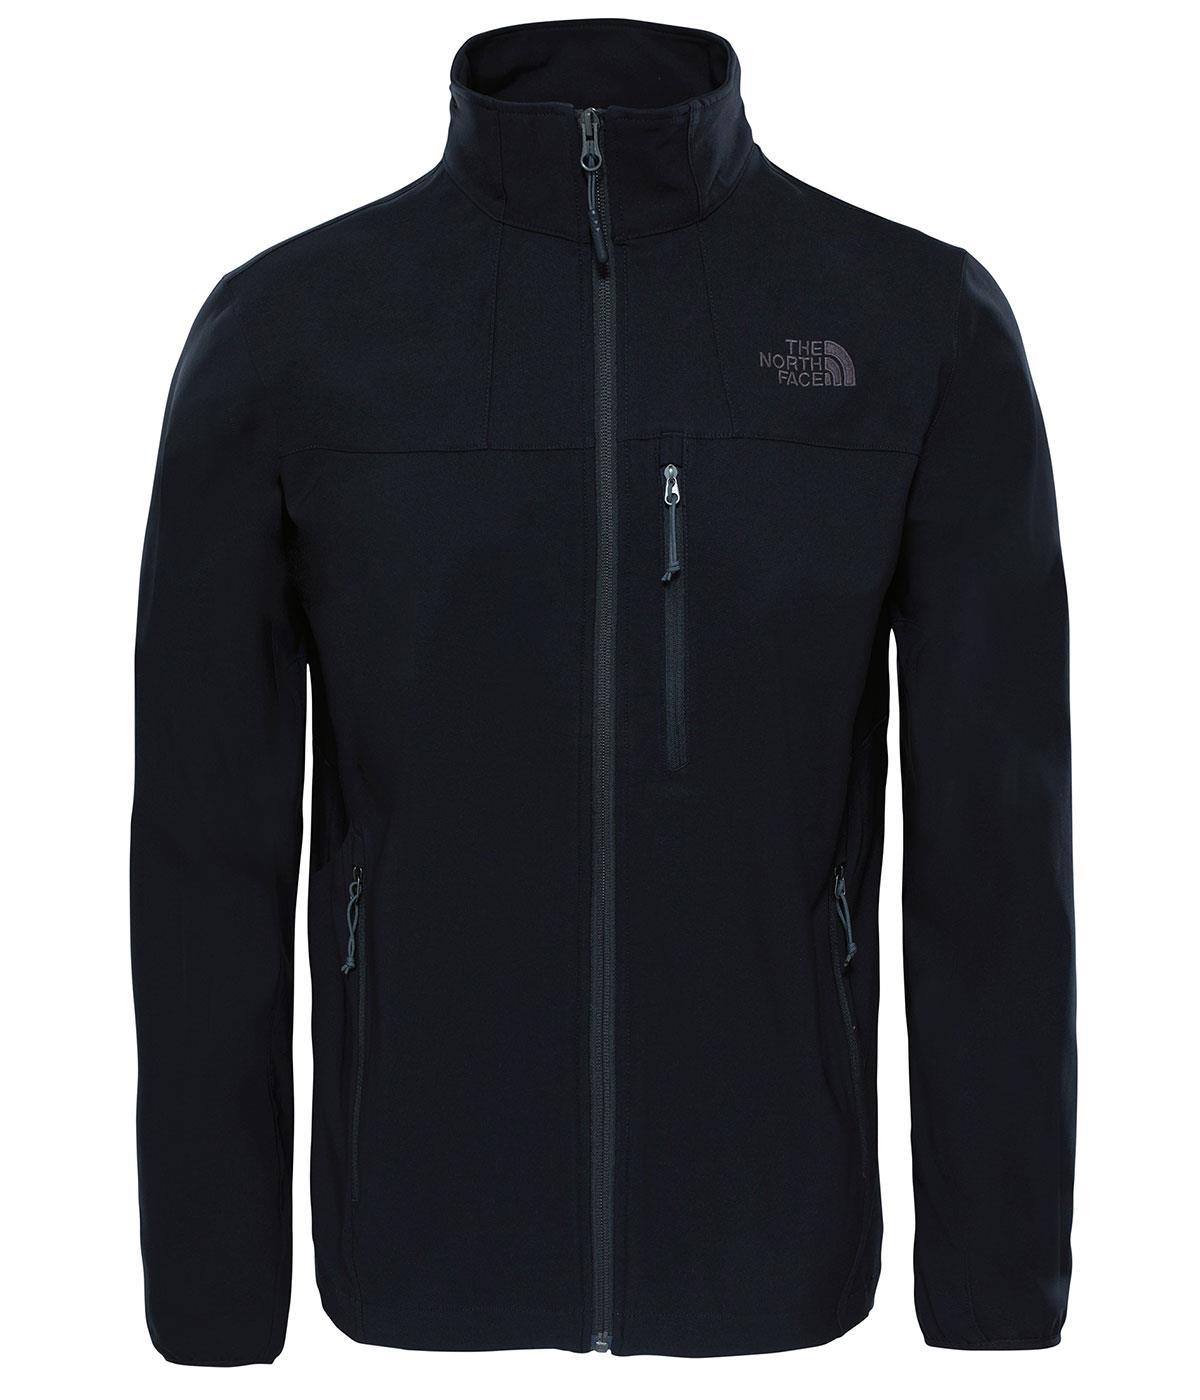 The Northface Erkek Nimble Jacket Ceket T92Tygjk3